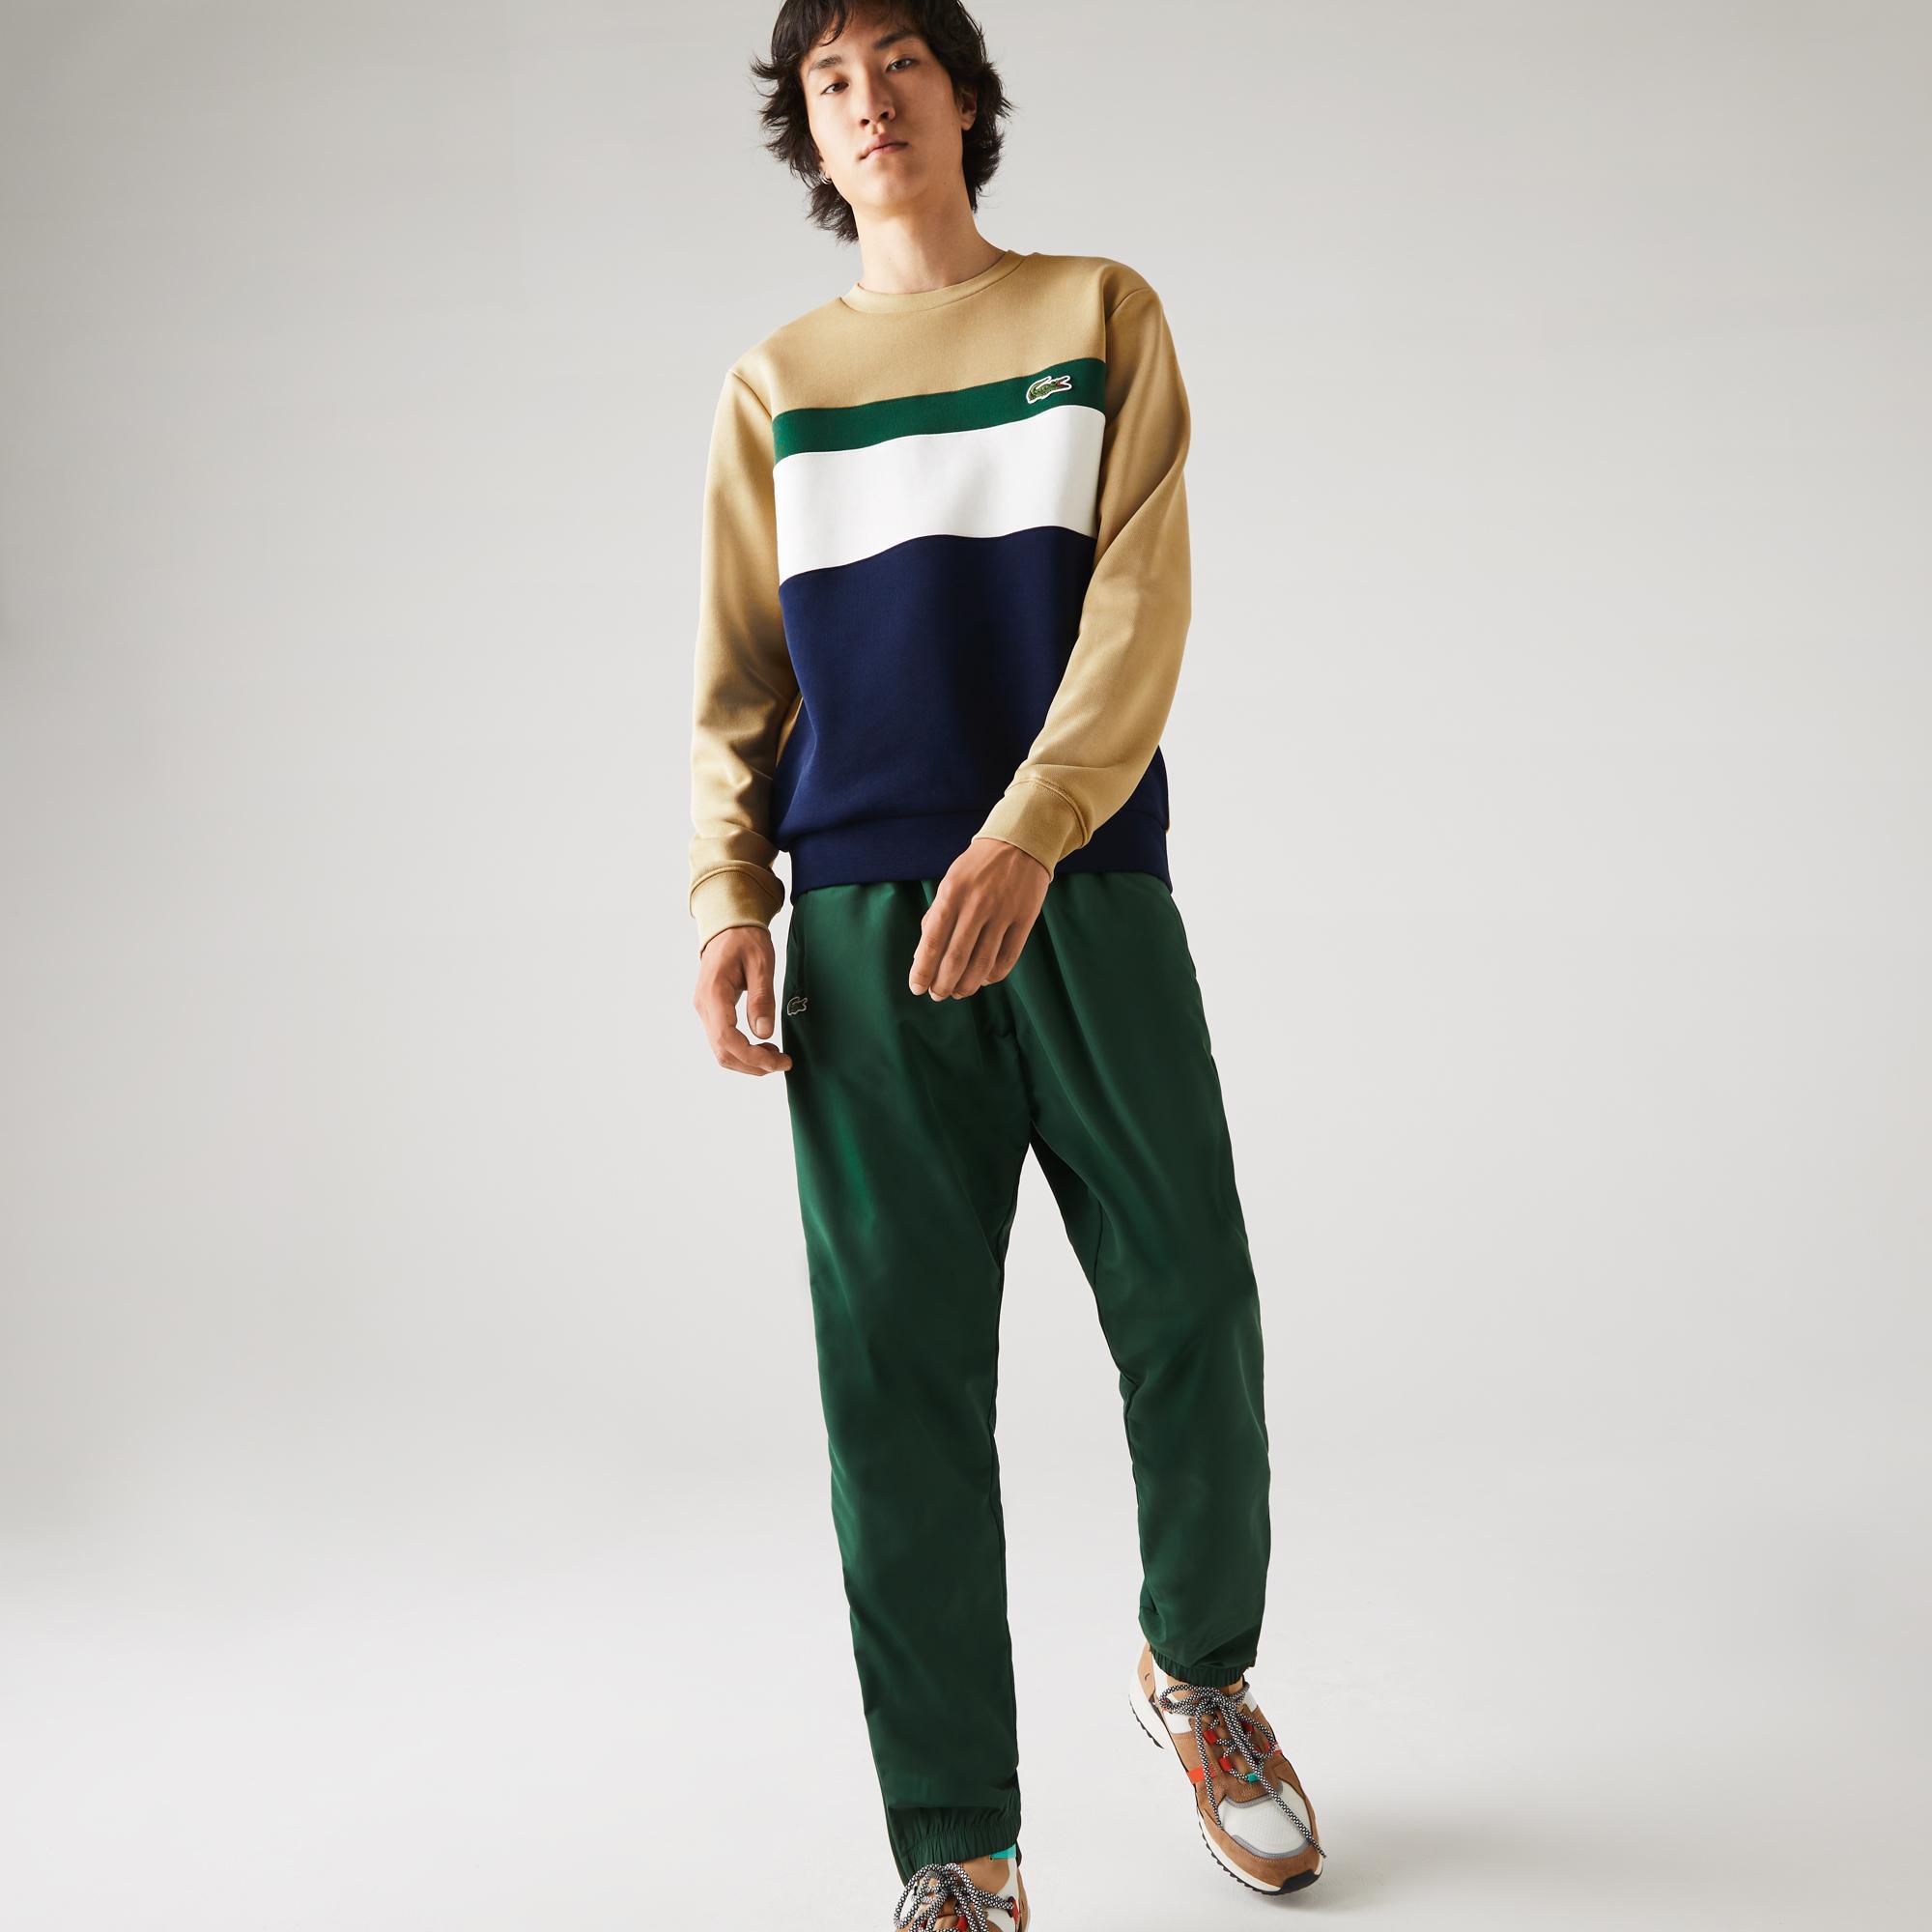 Lacoste Men's Colorblock Fleece Crew Neck Sweatshirt